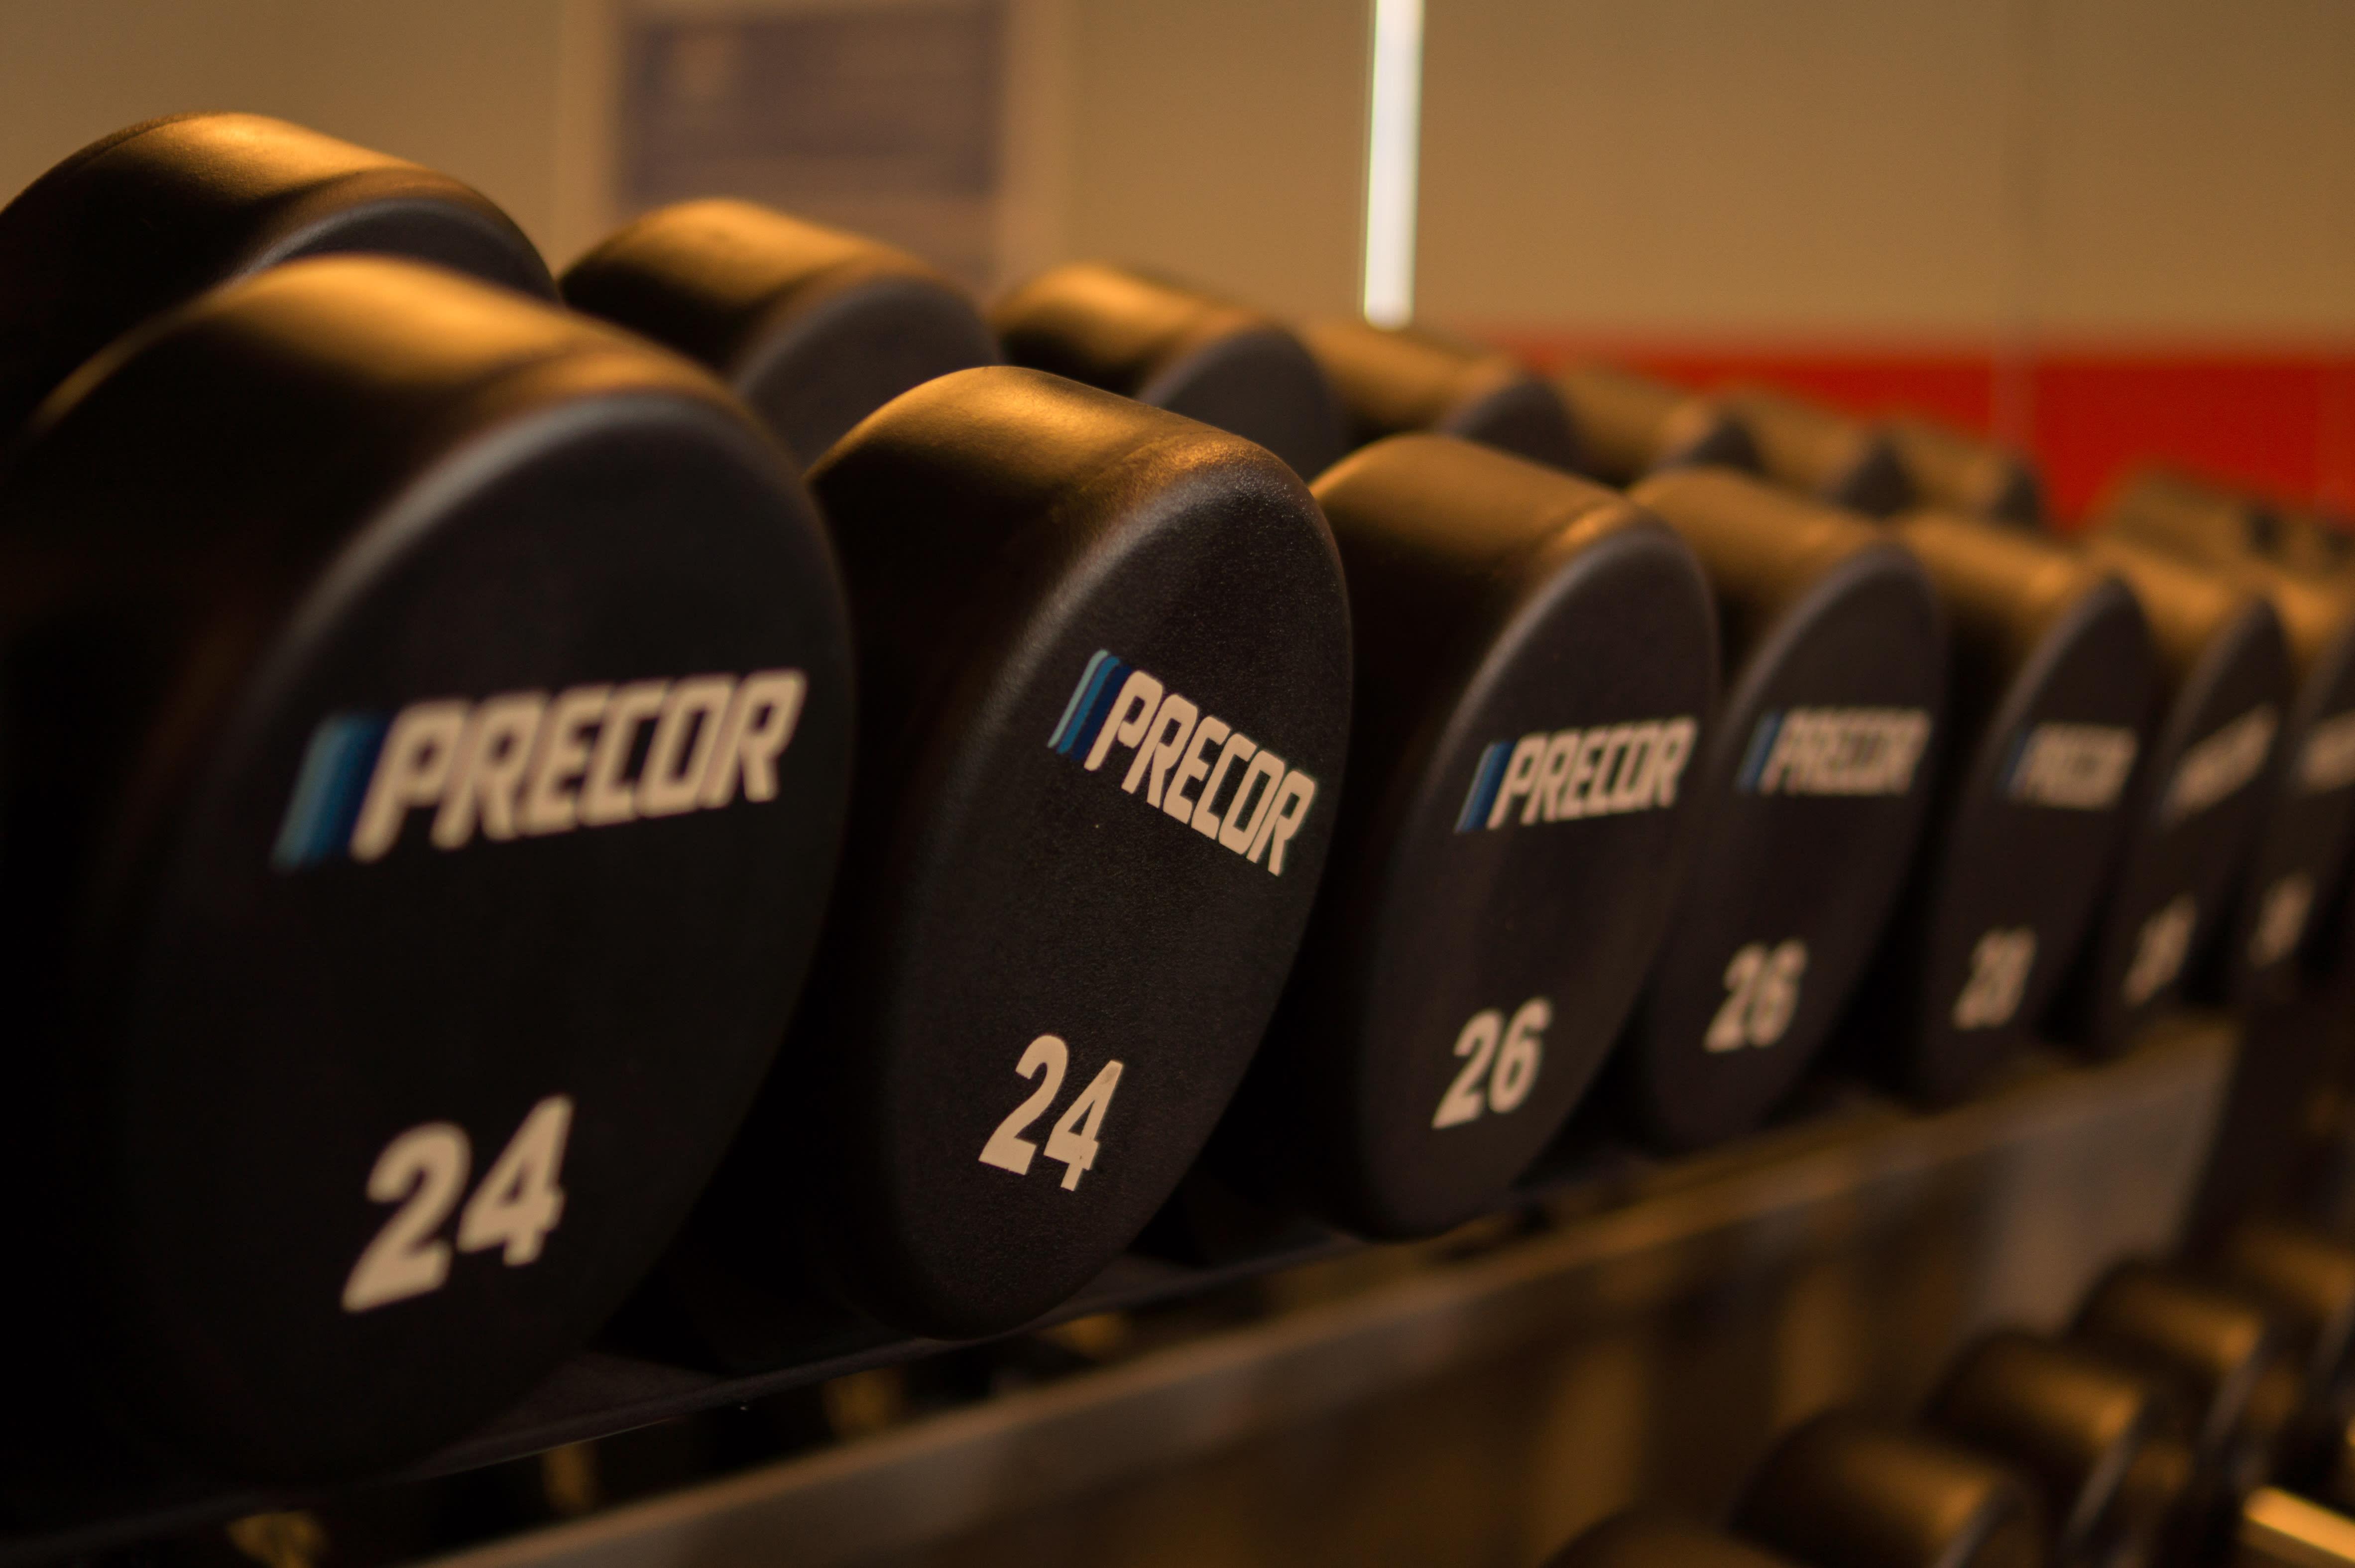 Styrketräning: Hur snabbt kan du öka belastningen?